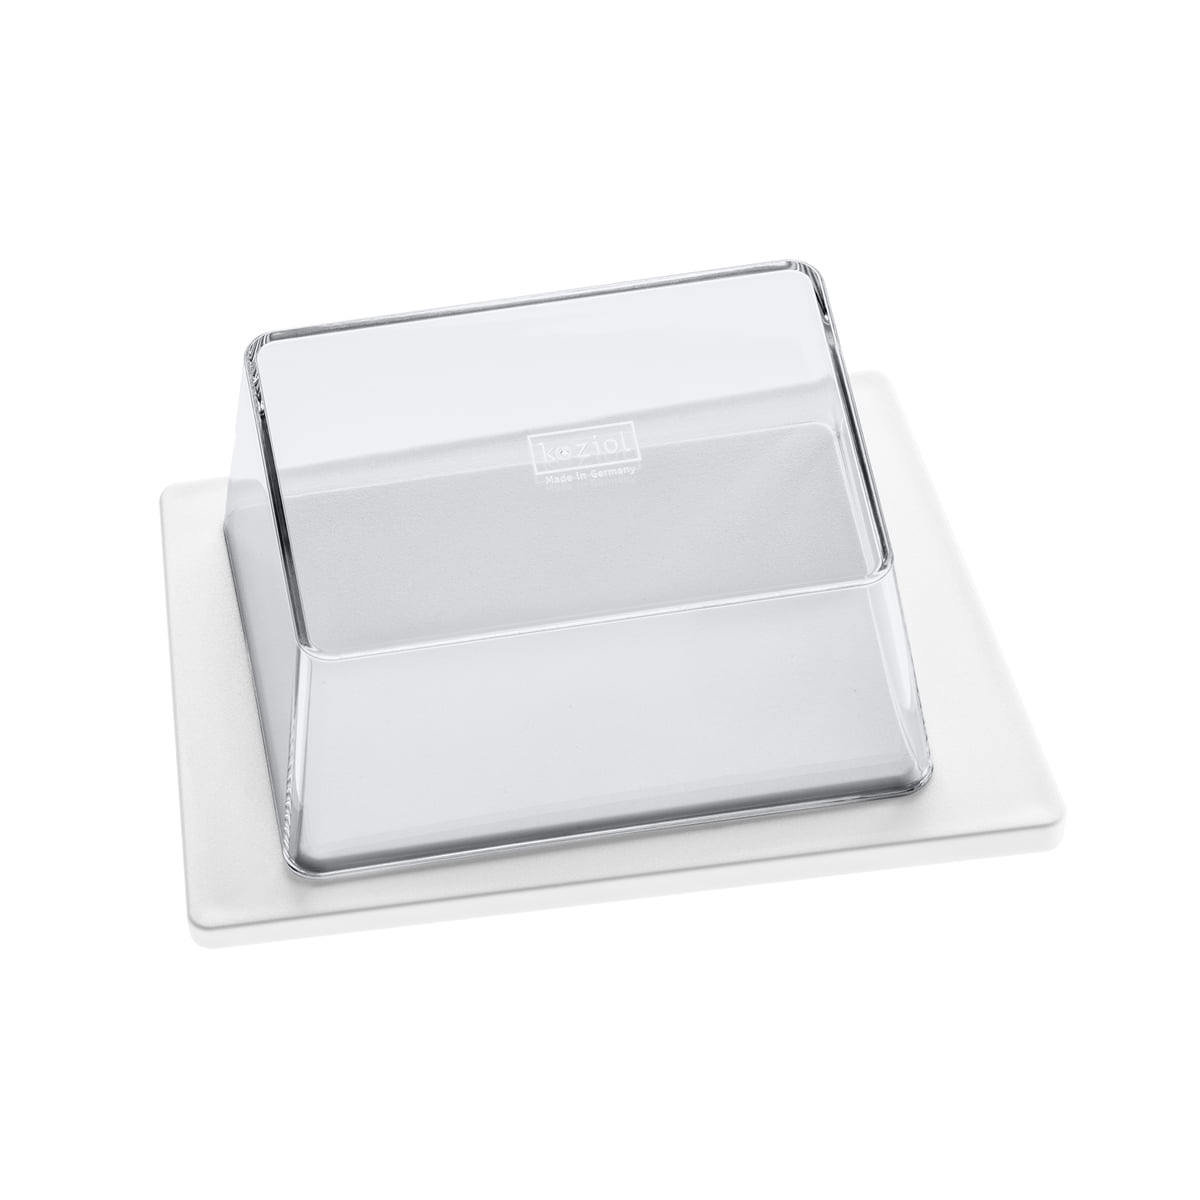 Kant Butterdose, weiß / transparent